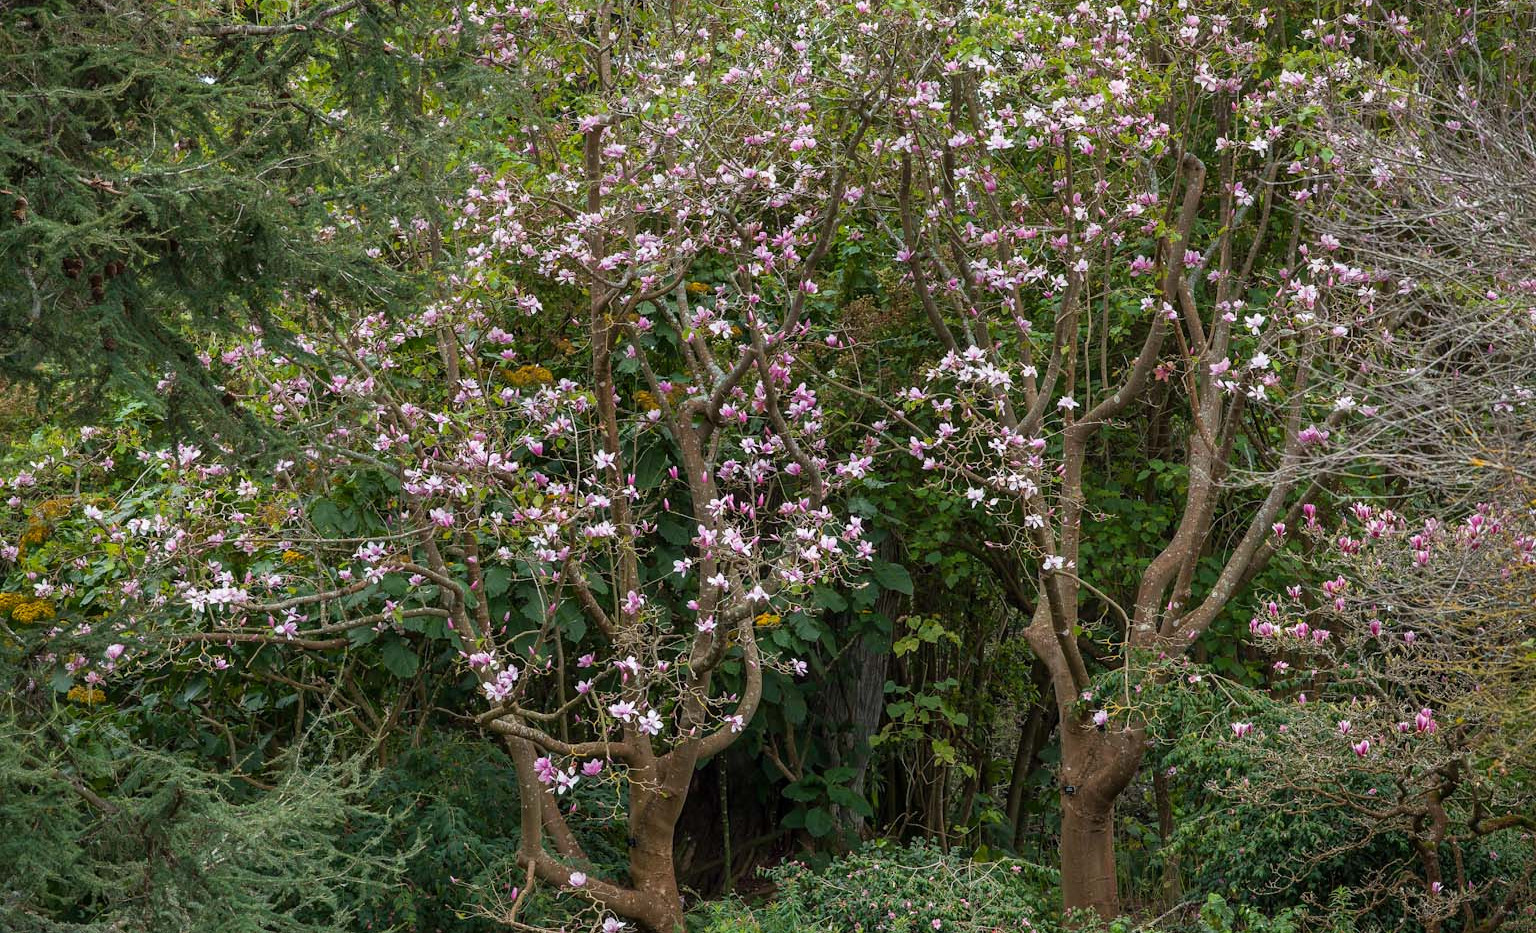 Magnolia sprengeri